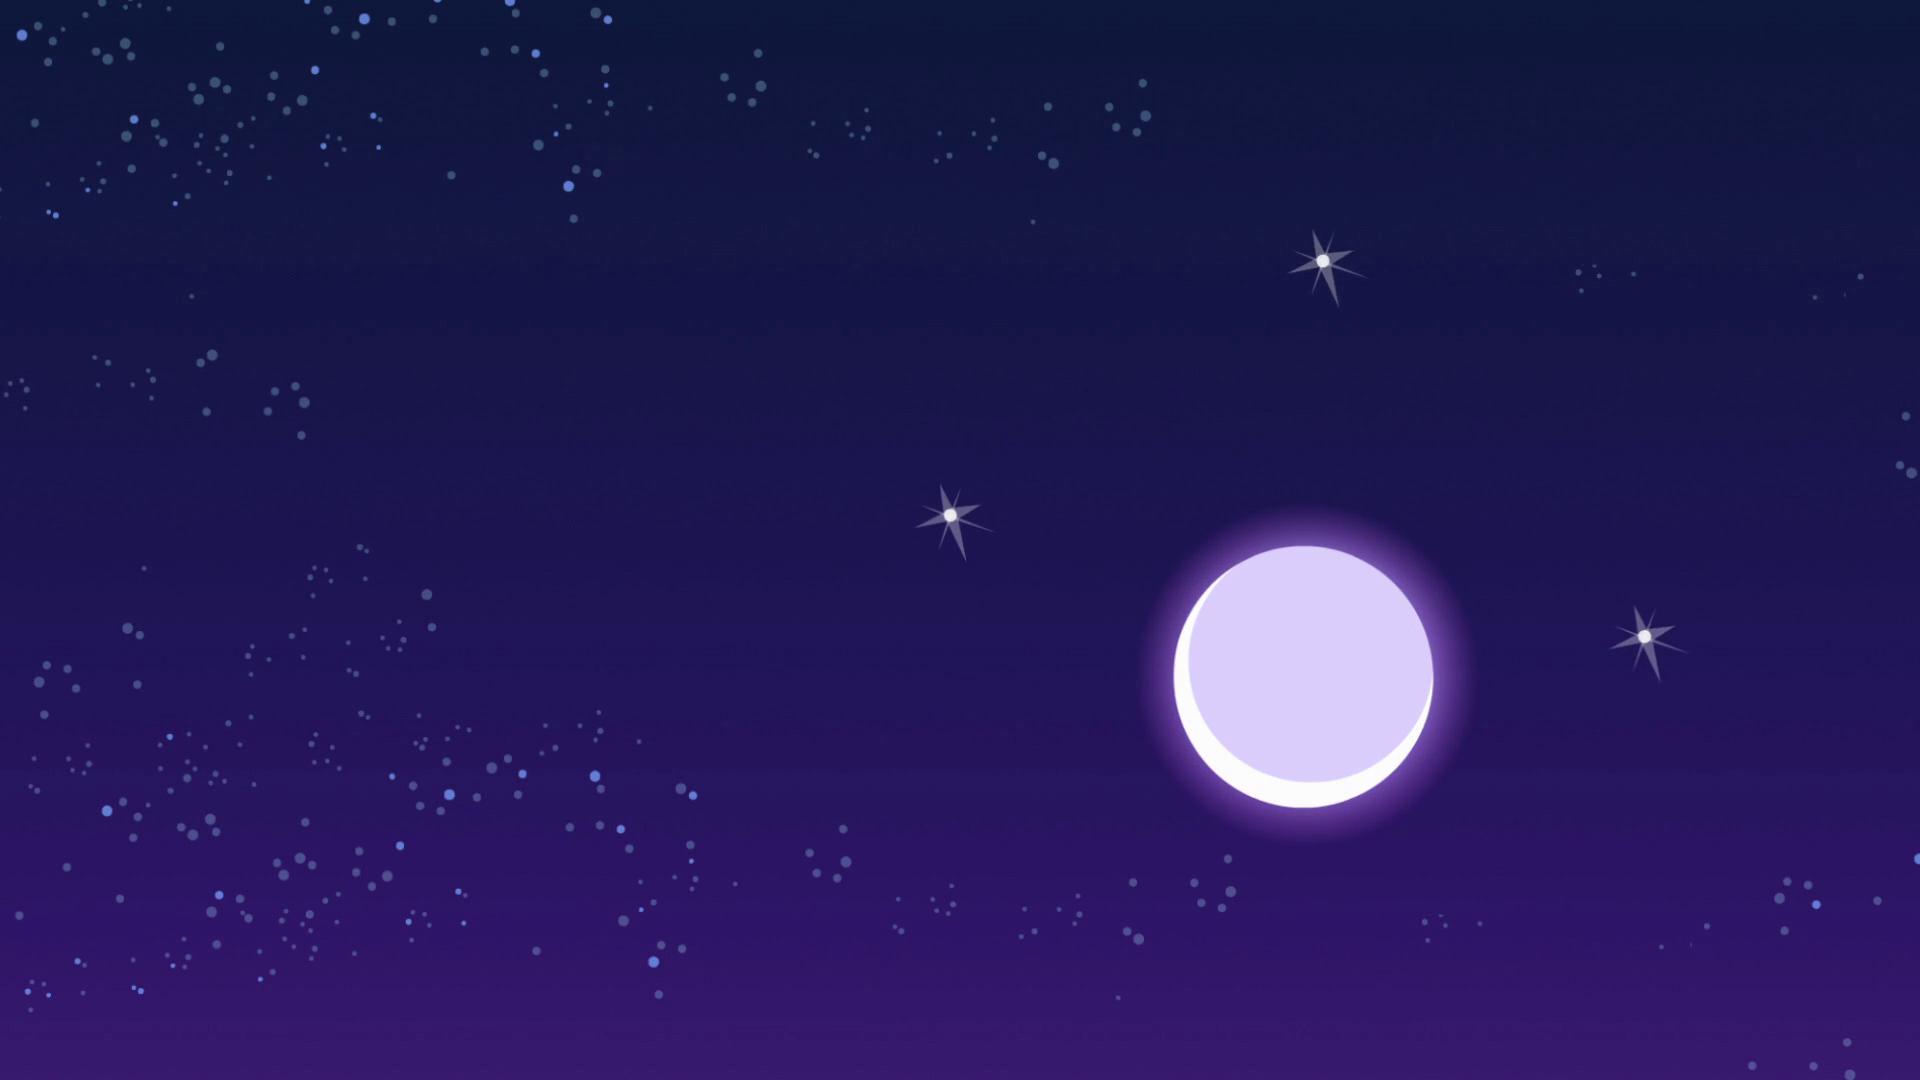 mlp moon Gallery